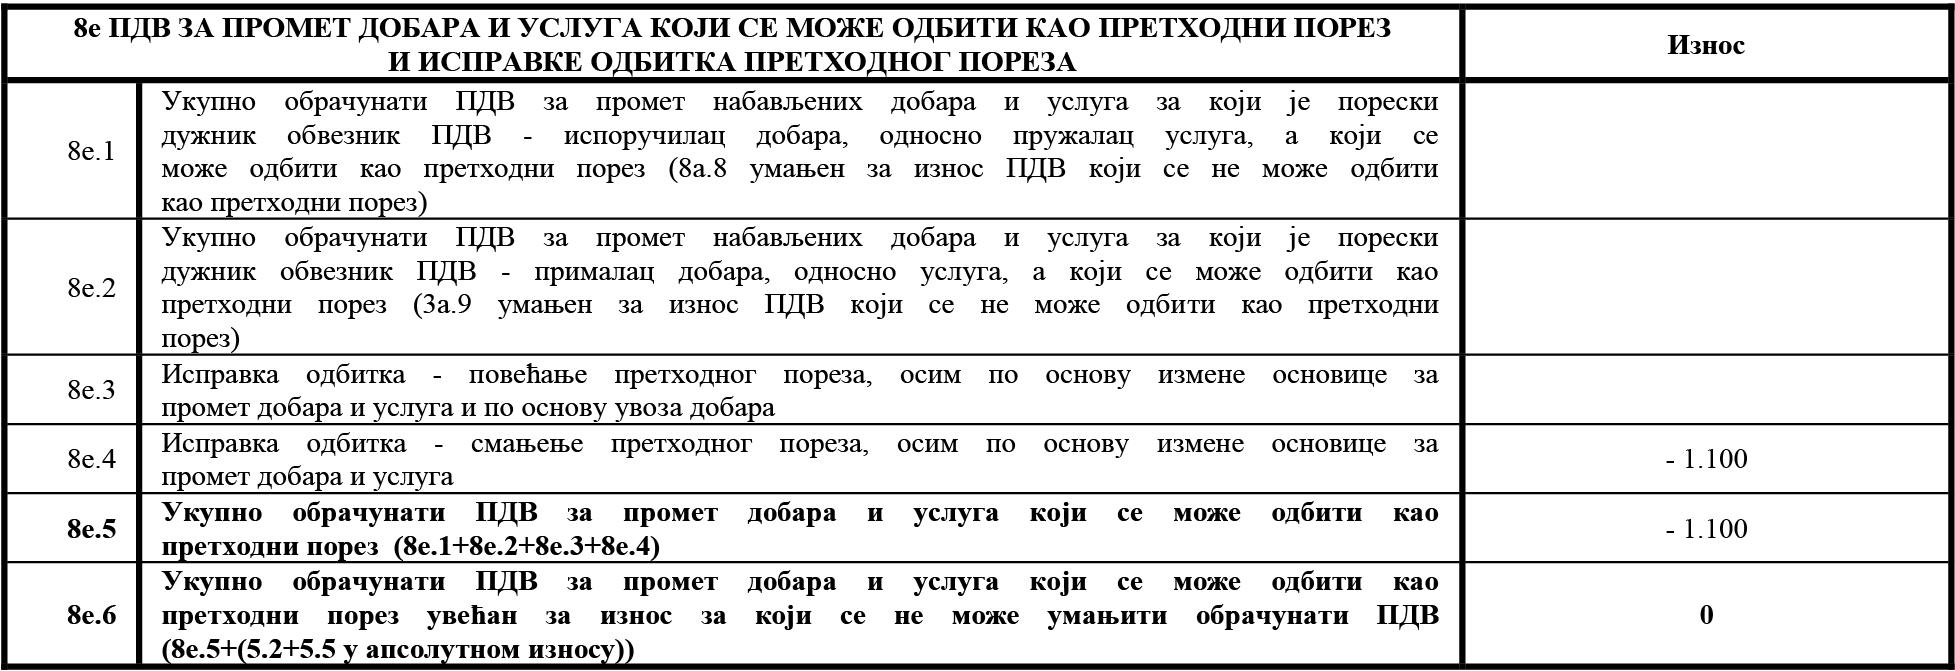 uputstvo PU obrazac POPDV primer 82 - 1.2